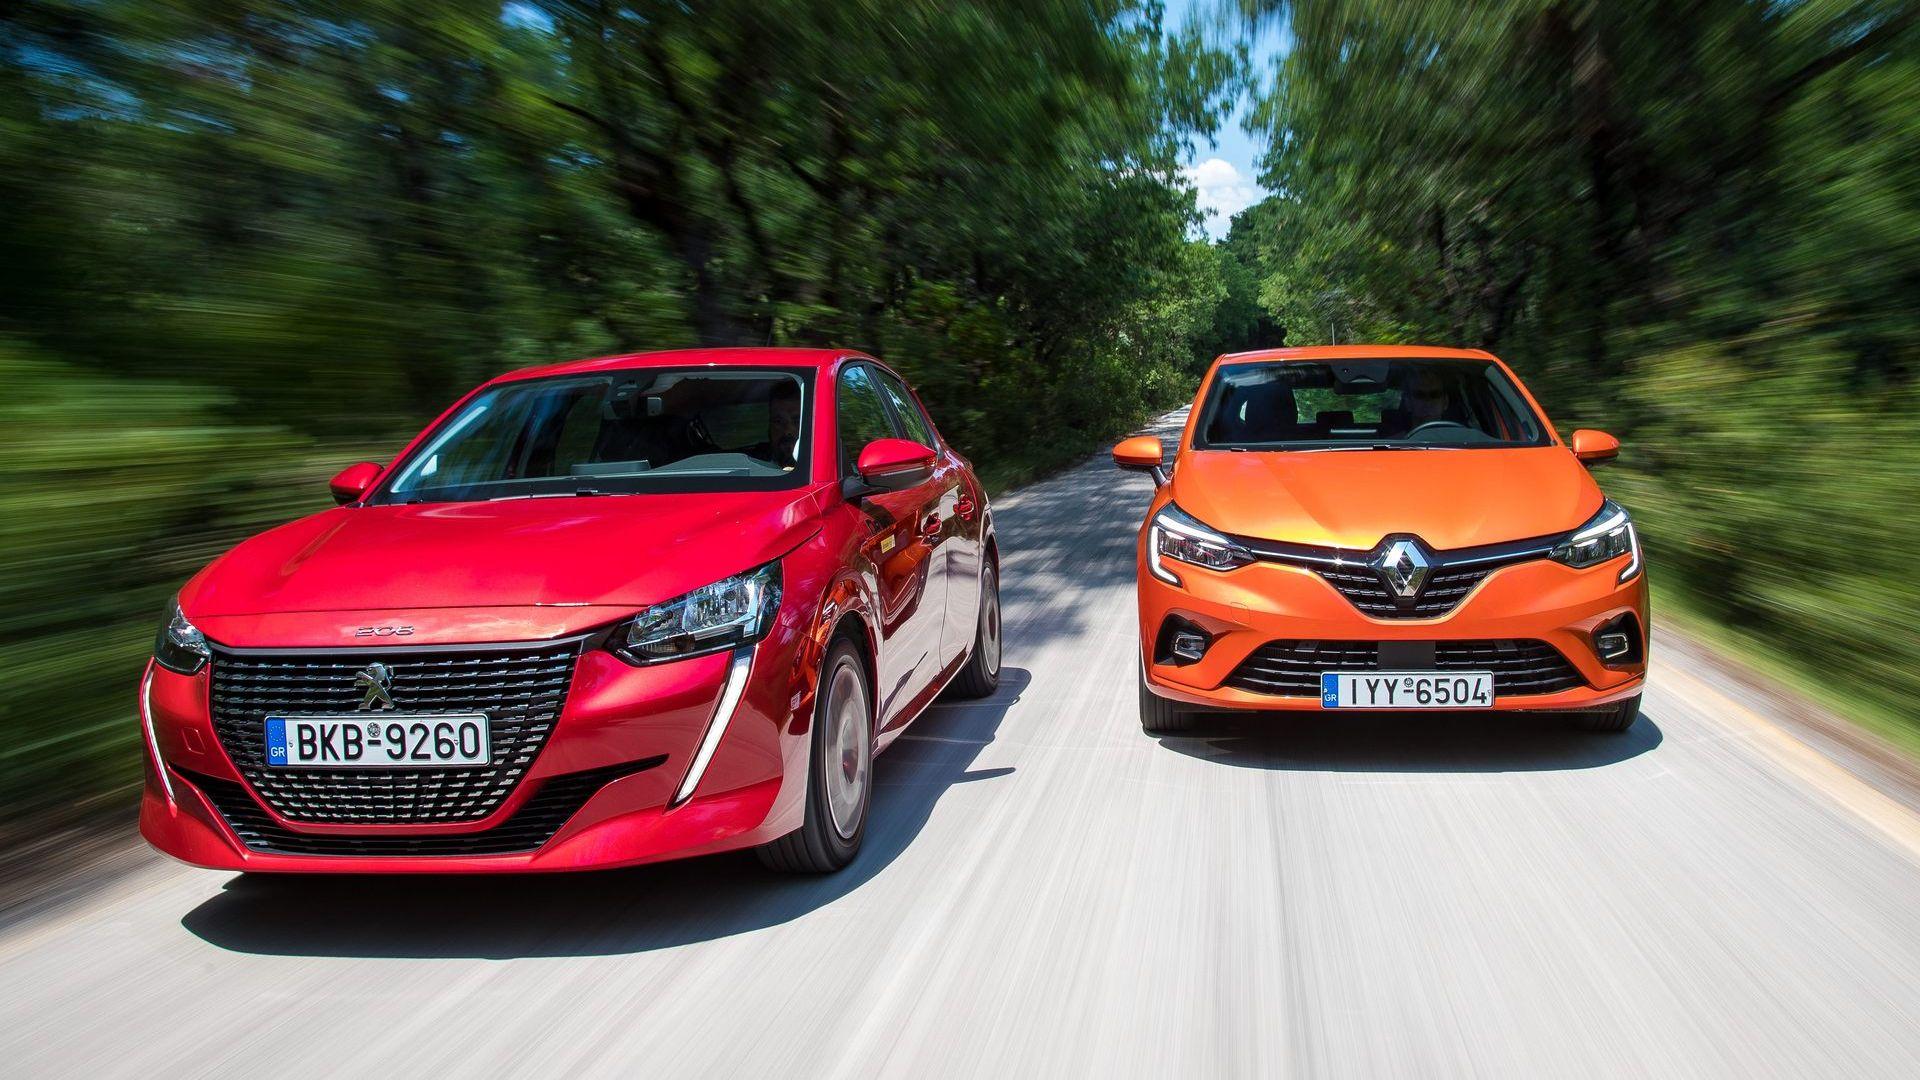 Το ντίζελ ζει: Δοκιμάζουμε τα Peugeot 208 & Renault Clio [pics]